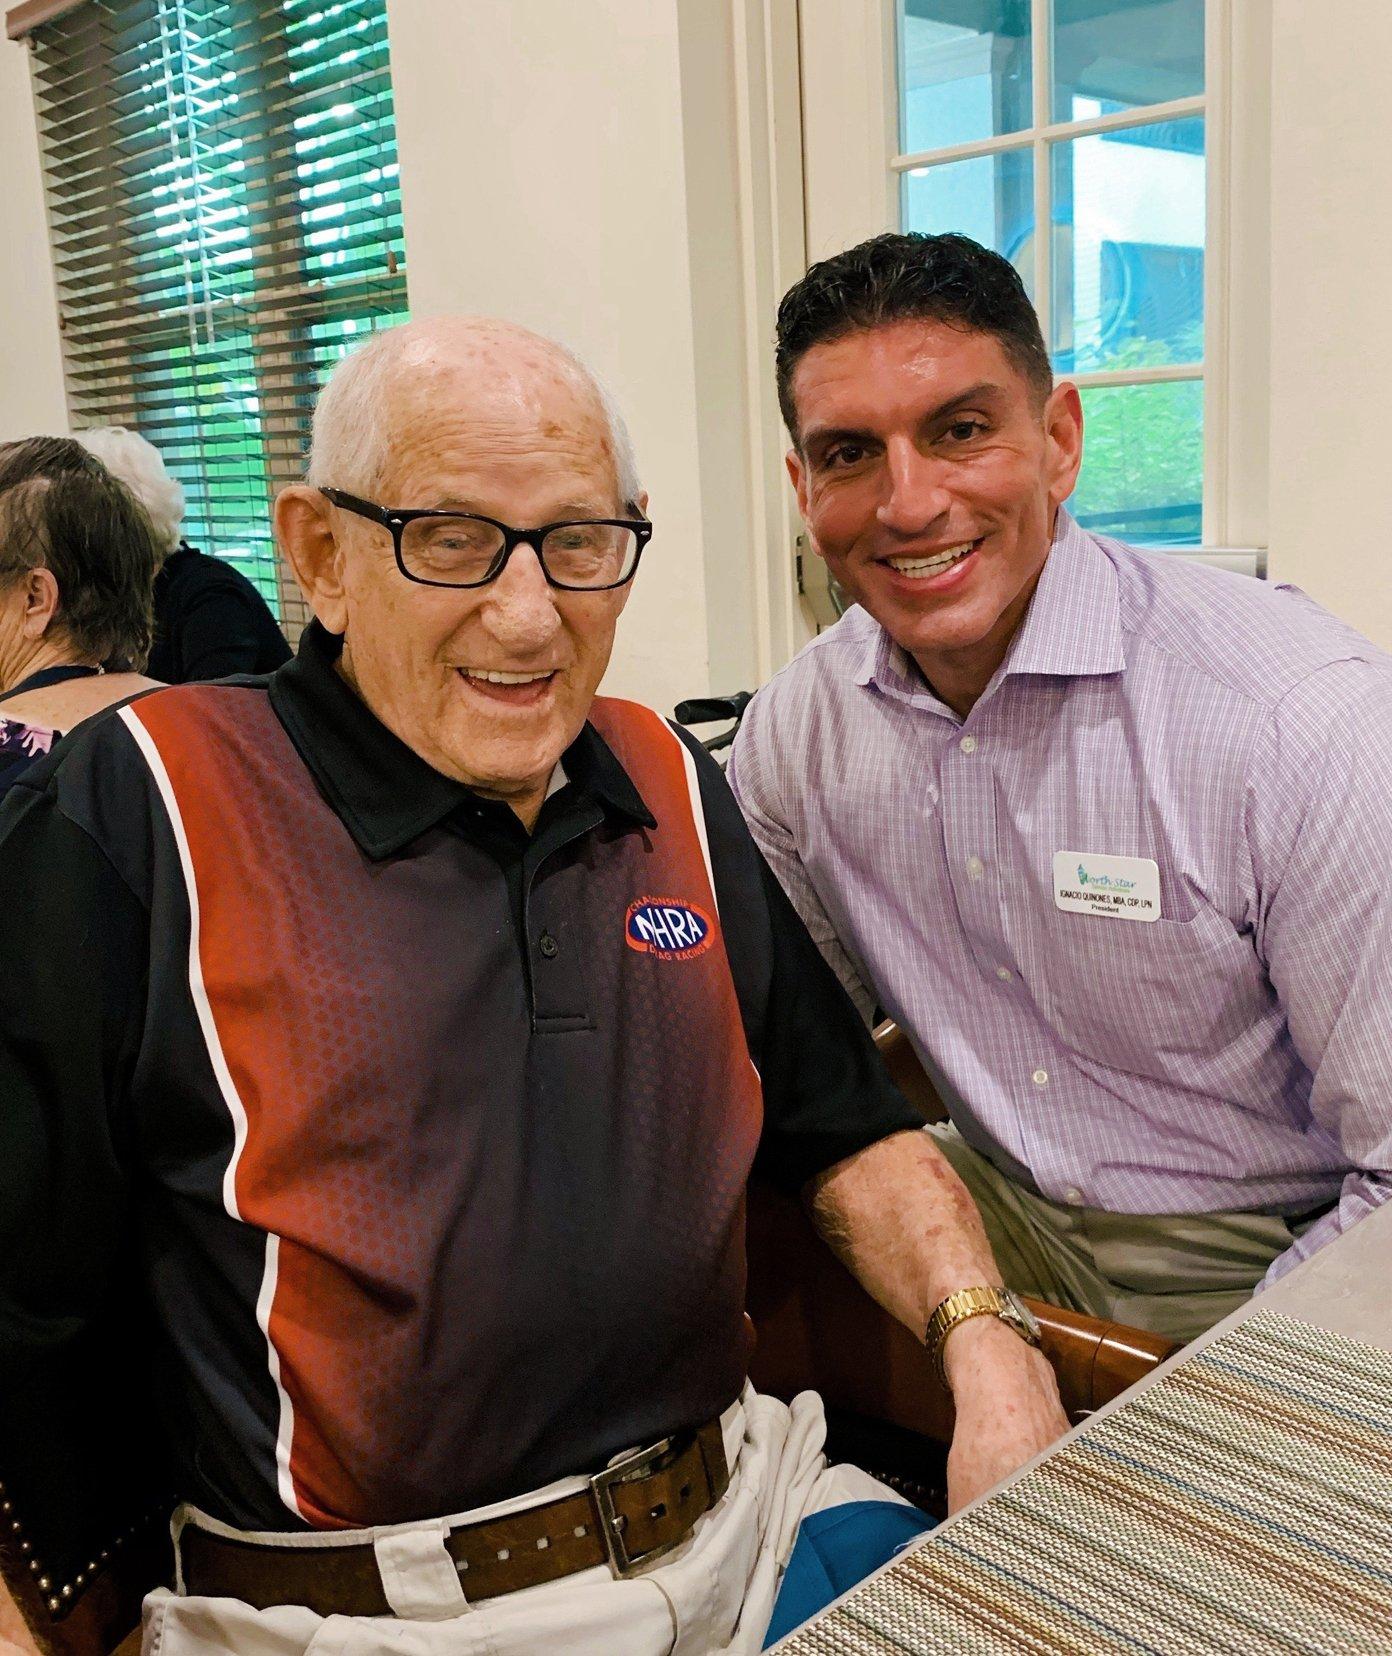 Ignacio with geriatric care client